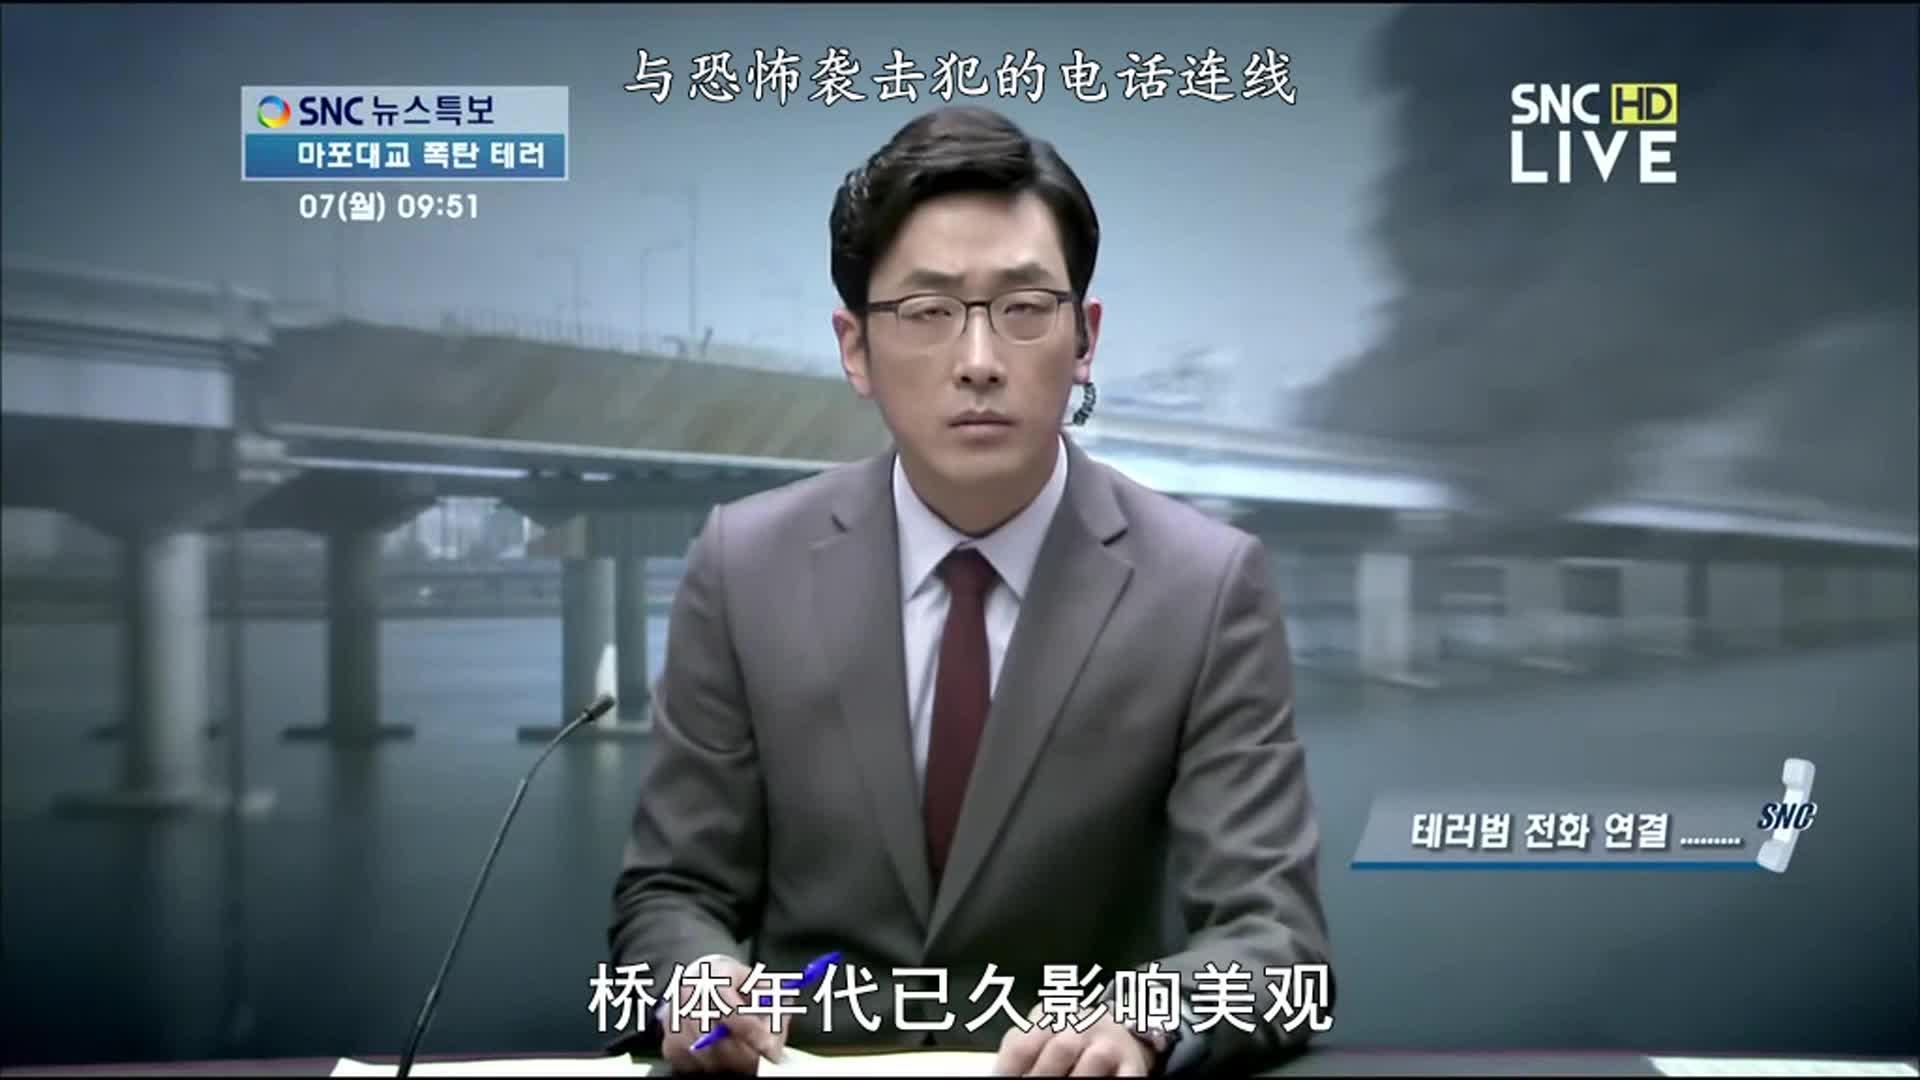 #电影最前线#恐怖分子炸完桥后,打电话电视台想讲述他的事迹